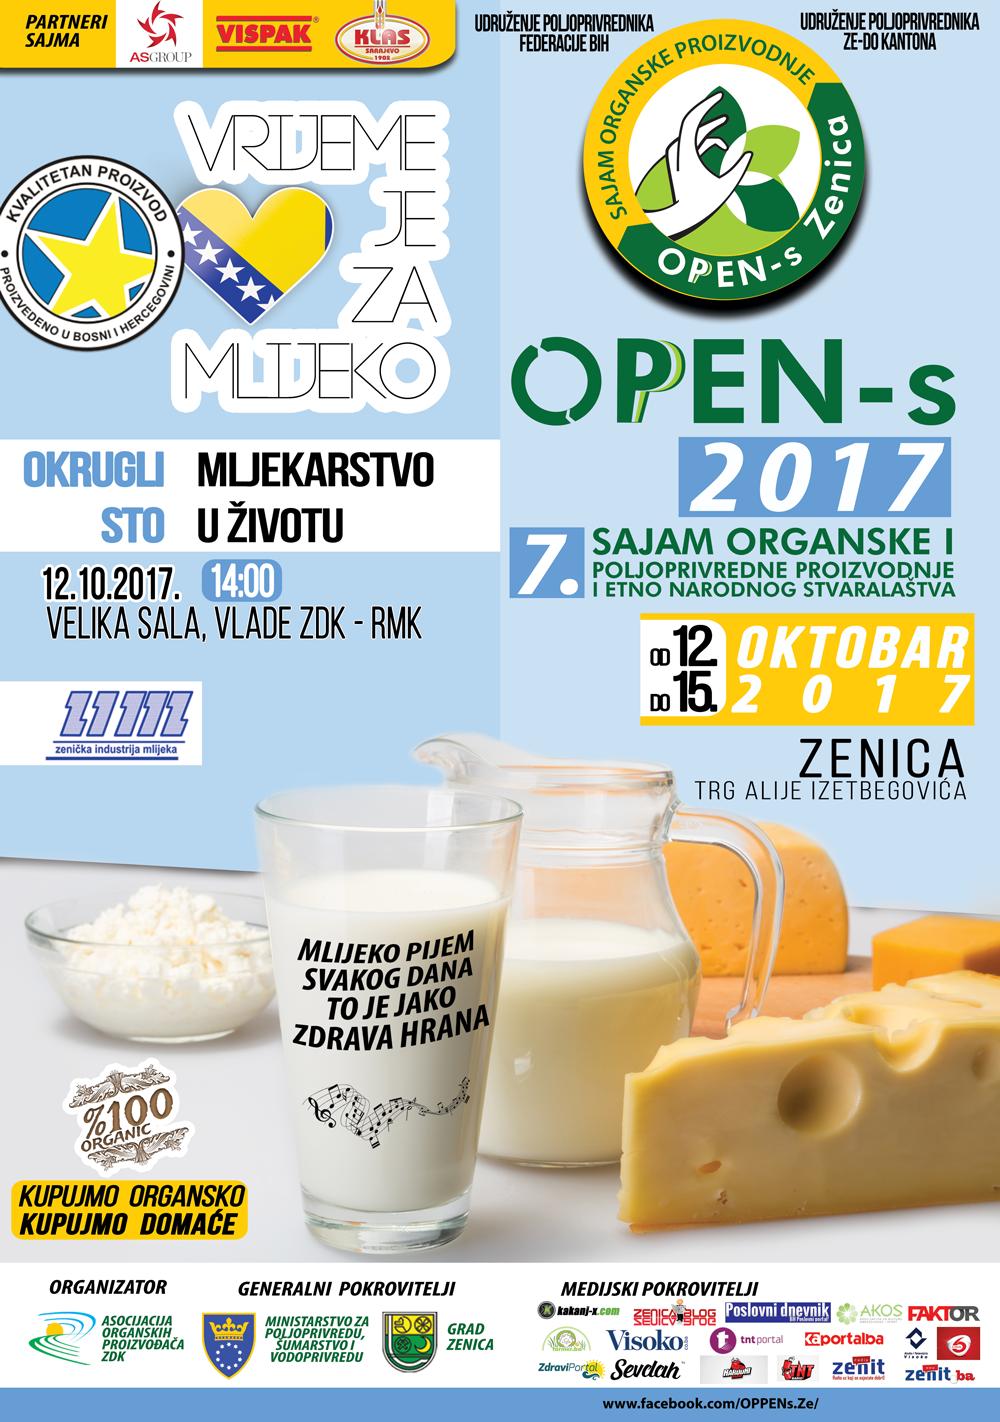 Portal Akos.ba medijski partner sajma OPEN-s Zenica